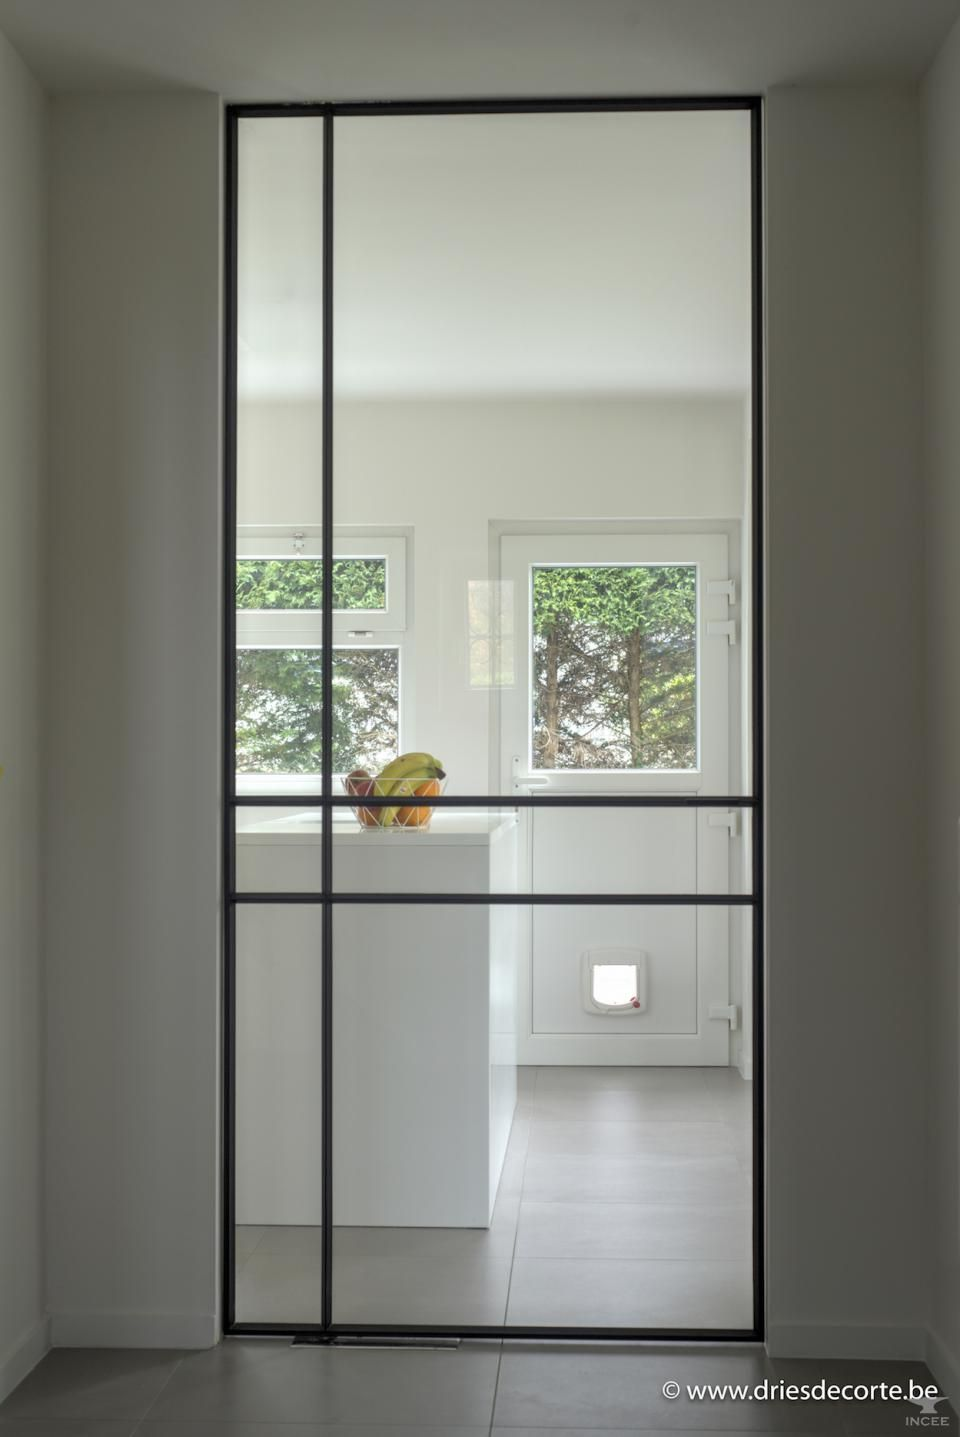 Portes Coulissantes Vitrées Intérieures pivo deur | portes vitrées intérieures, porte vitrée et